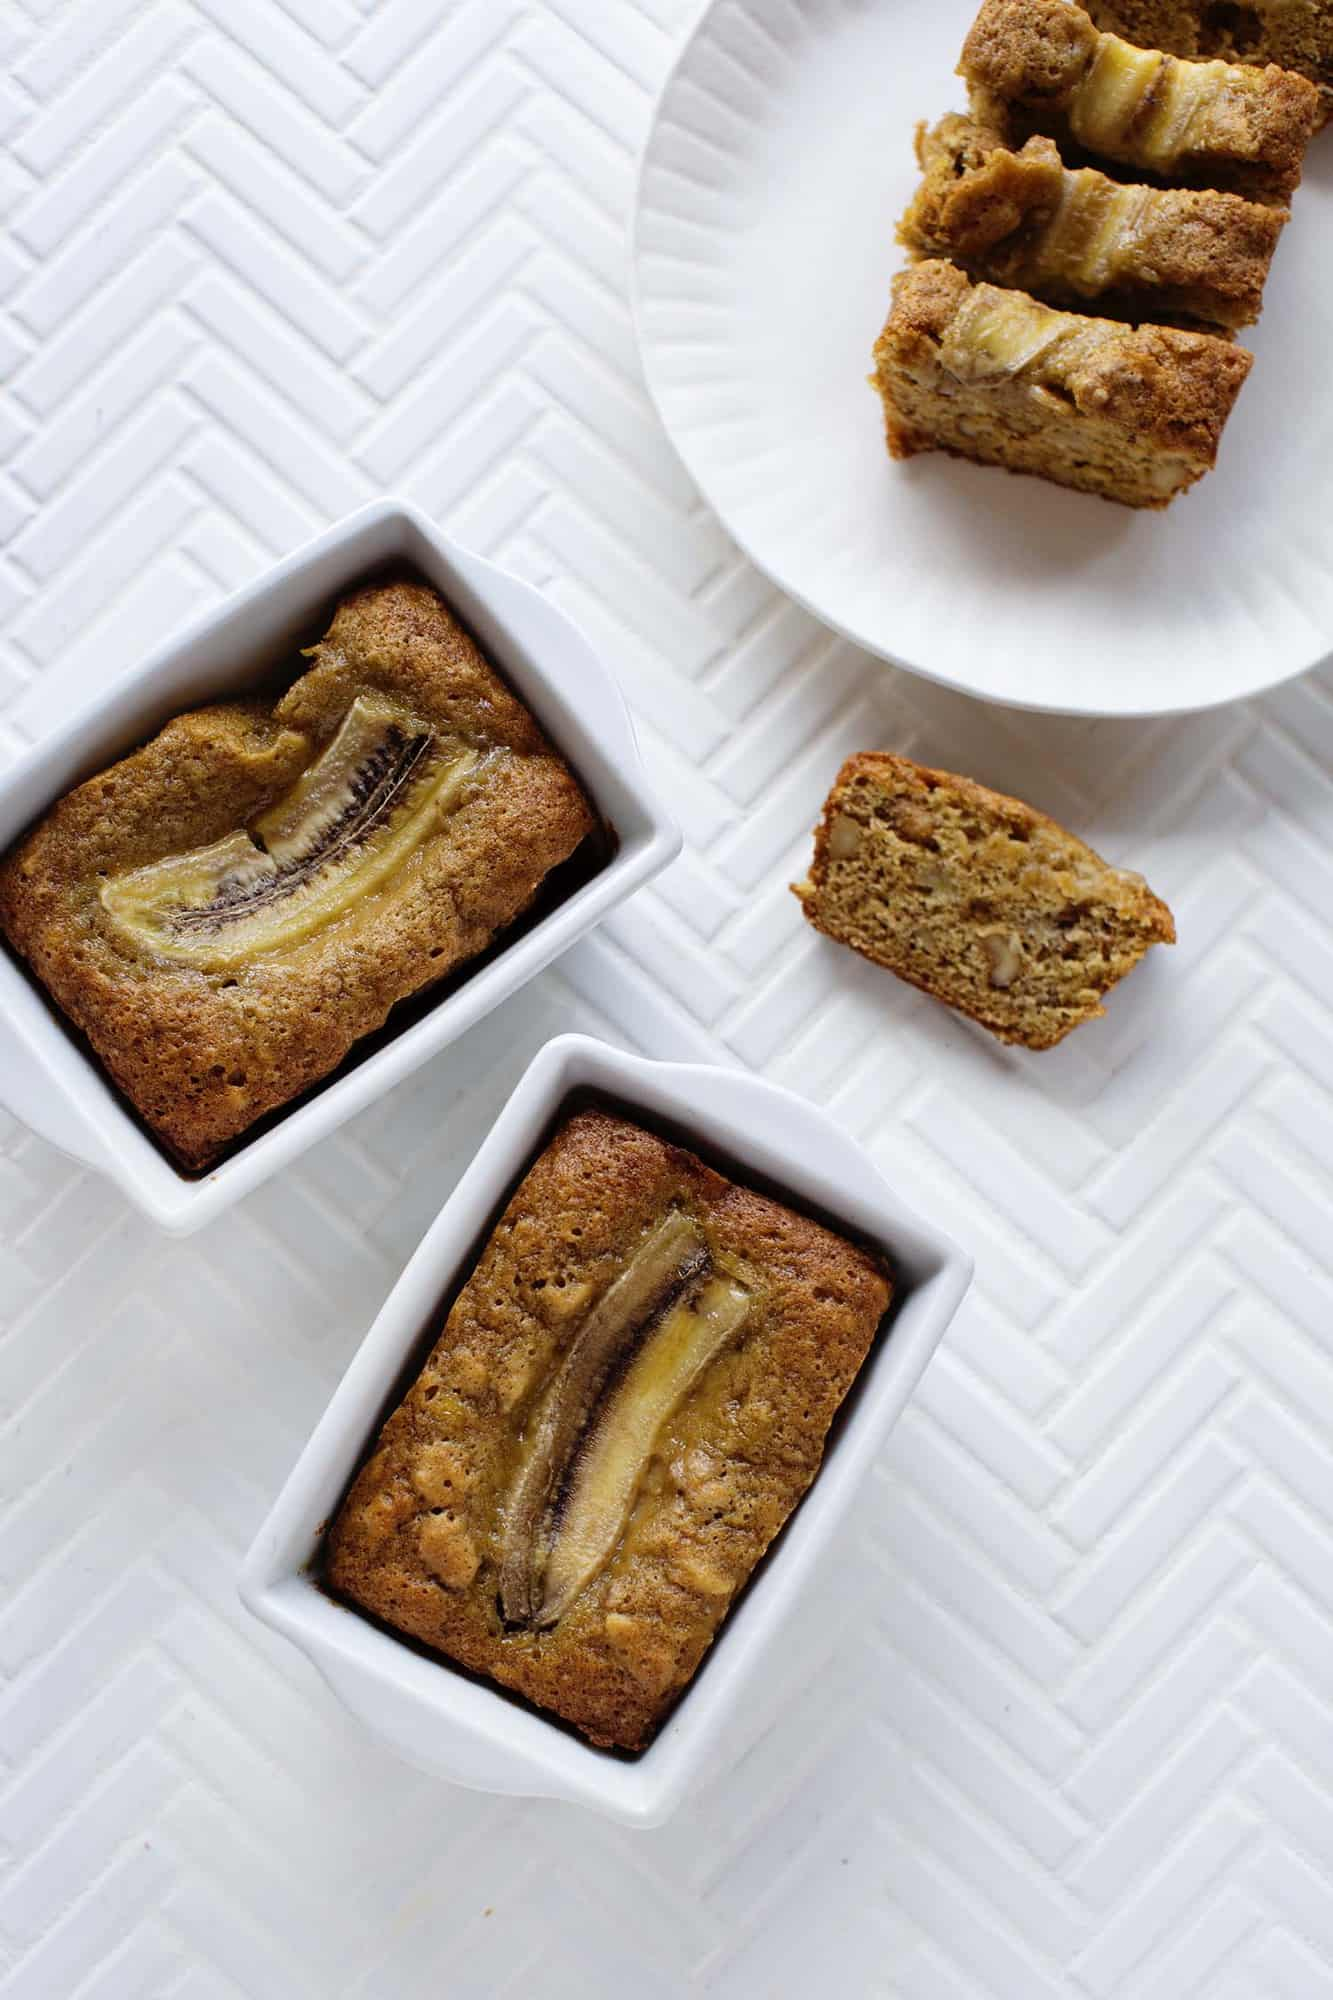 Banana Bread Recipe With One Banana